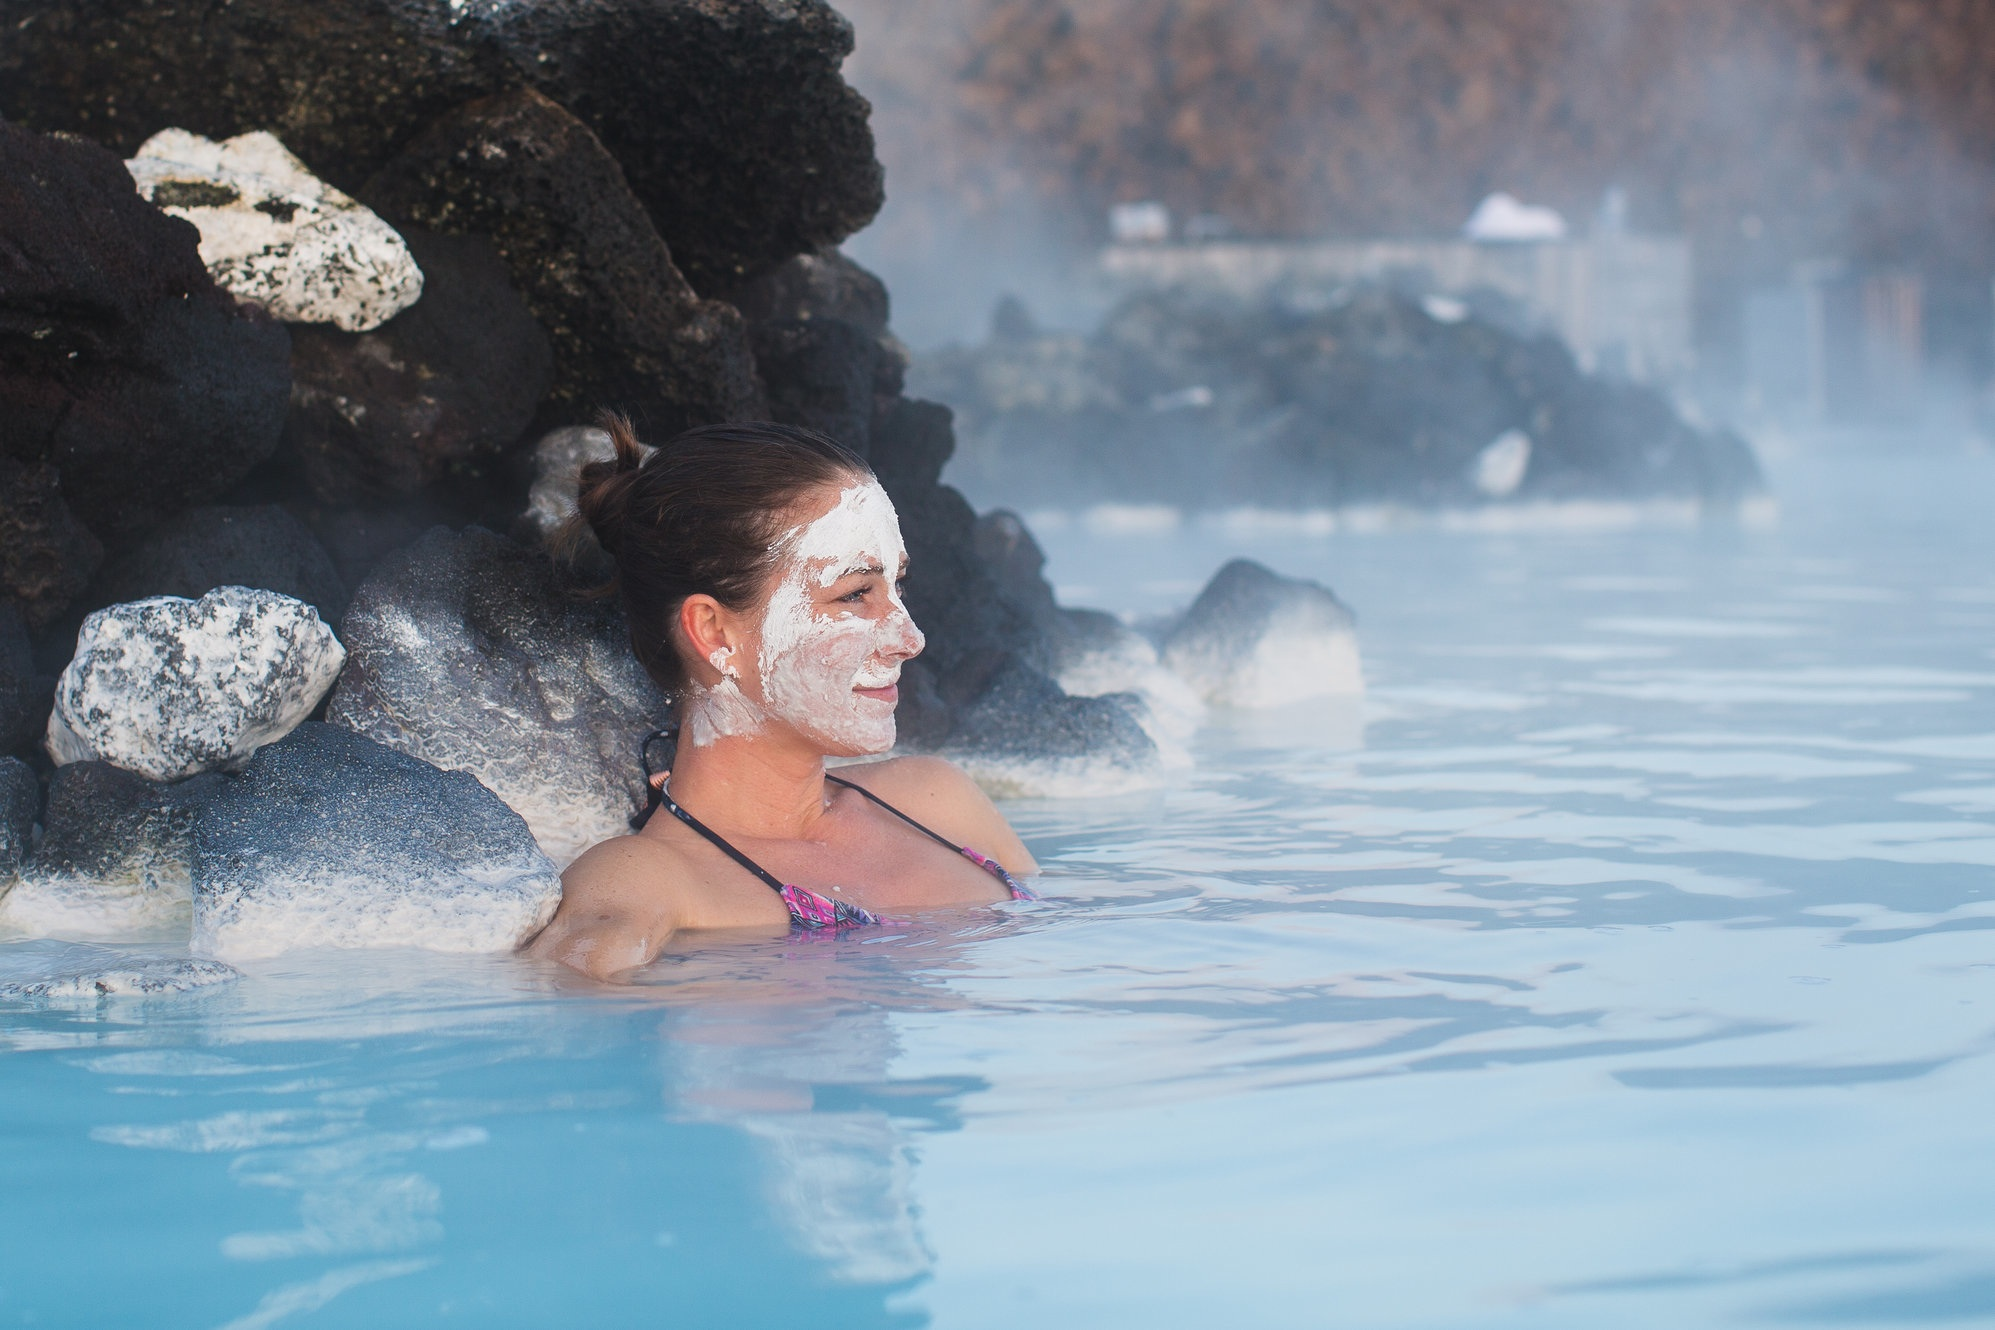 Die natürliche Wärme und hautfreundlichen Algen der Blauen Lagune werden dich verwöhnen und deine verspannten Muskeln lösen.